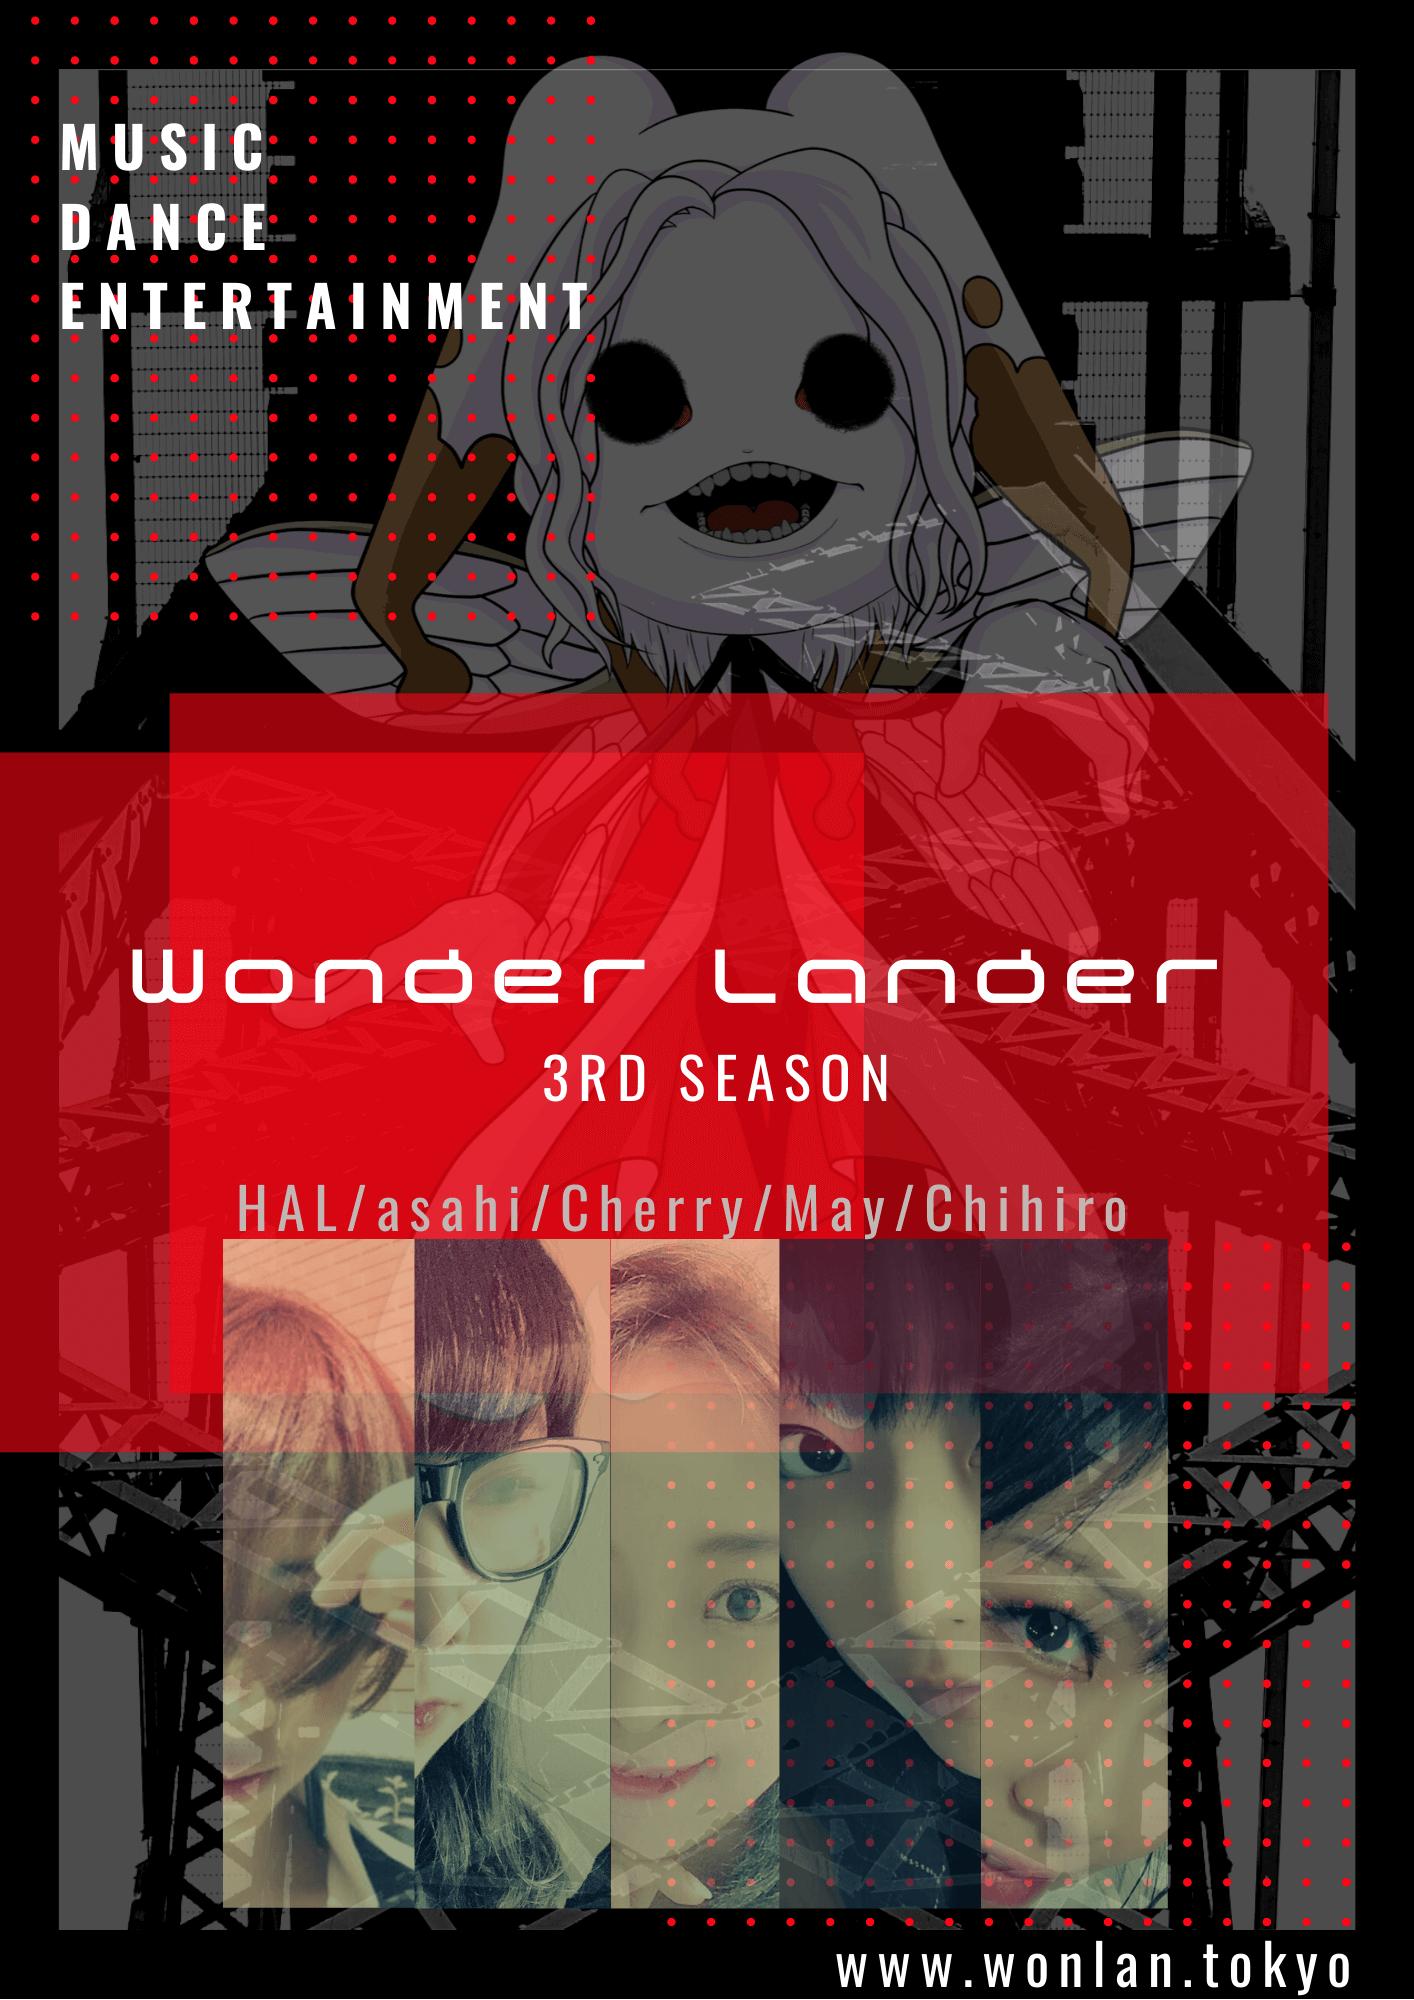 オーディション Wonder Lander メンバー募集 歌、ダンスを中心としたパフォーマンスチームの追加メンバーを募集します 主催:OPDサウンド、カテゴリ:アイドル(本格派)